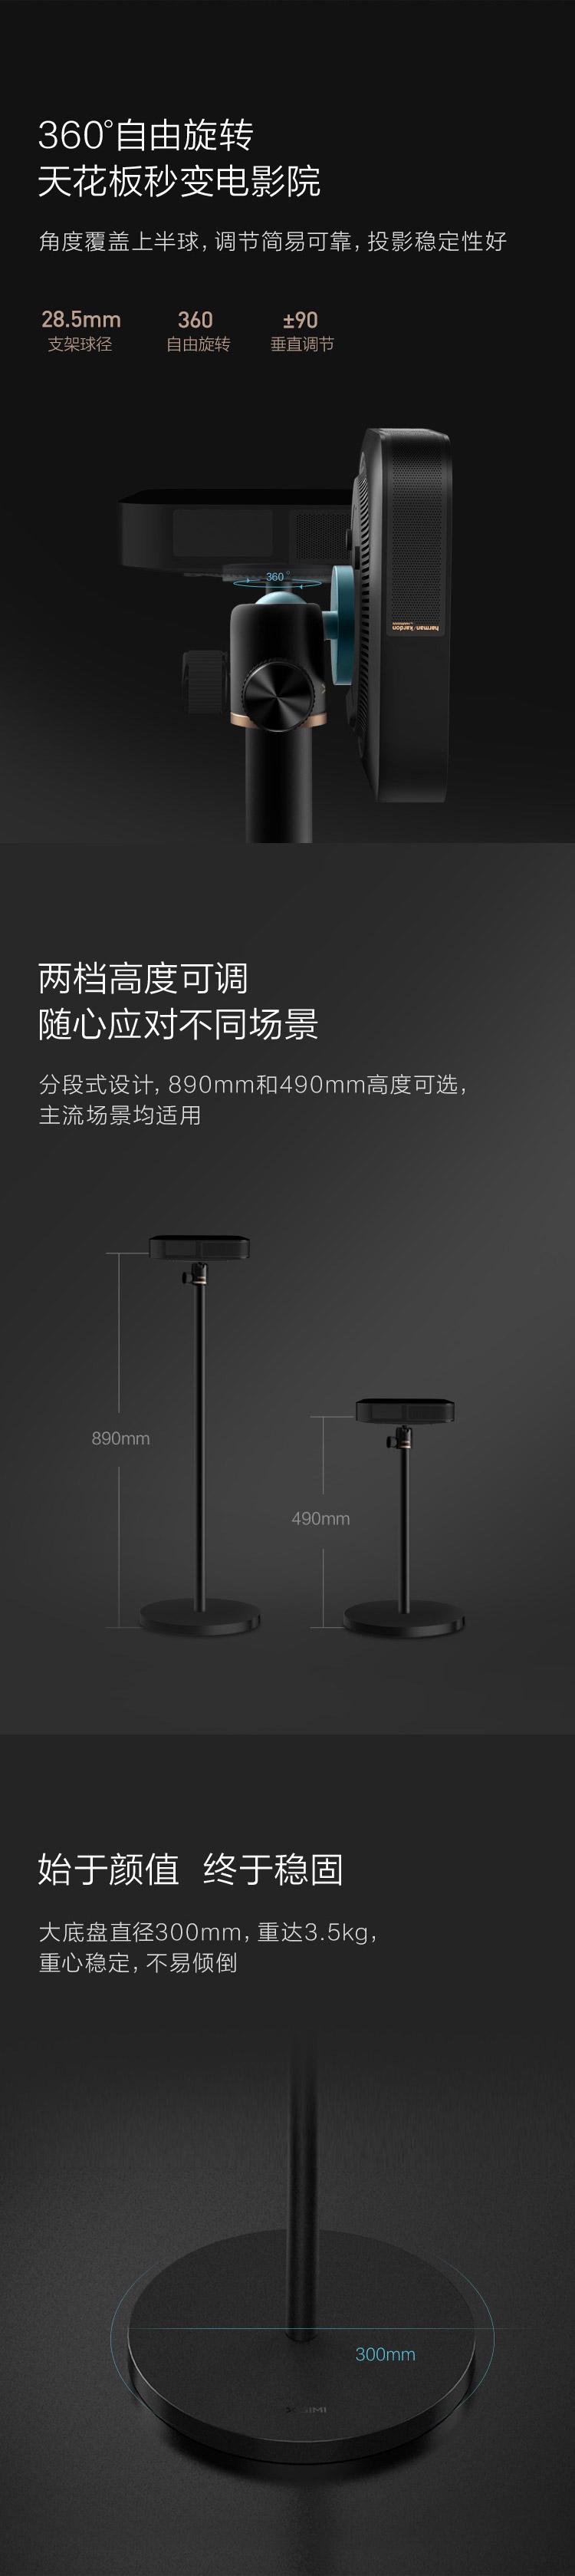 极米 XGIMI 落地支架焕黑版 高度随心调节   水平360°视觉调节   模块化结构   稳固底盘